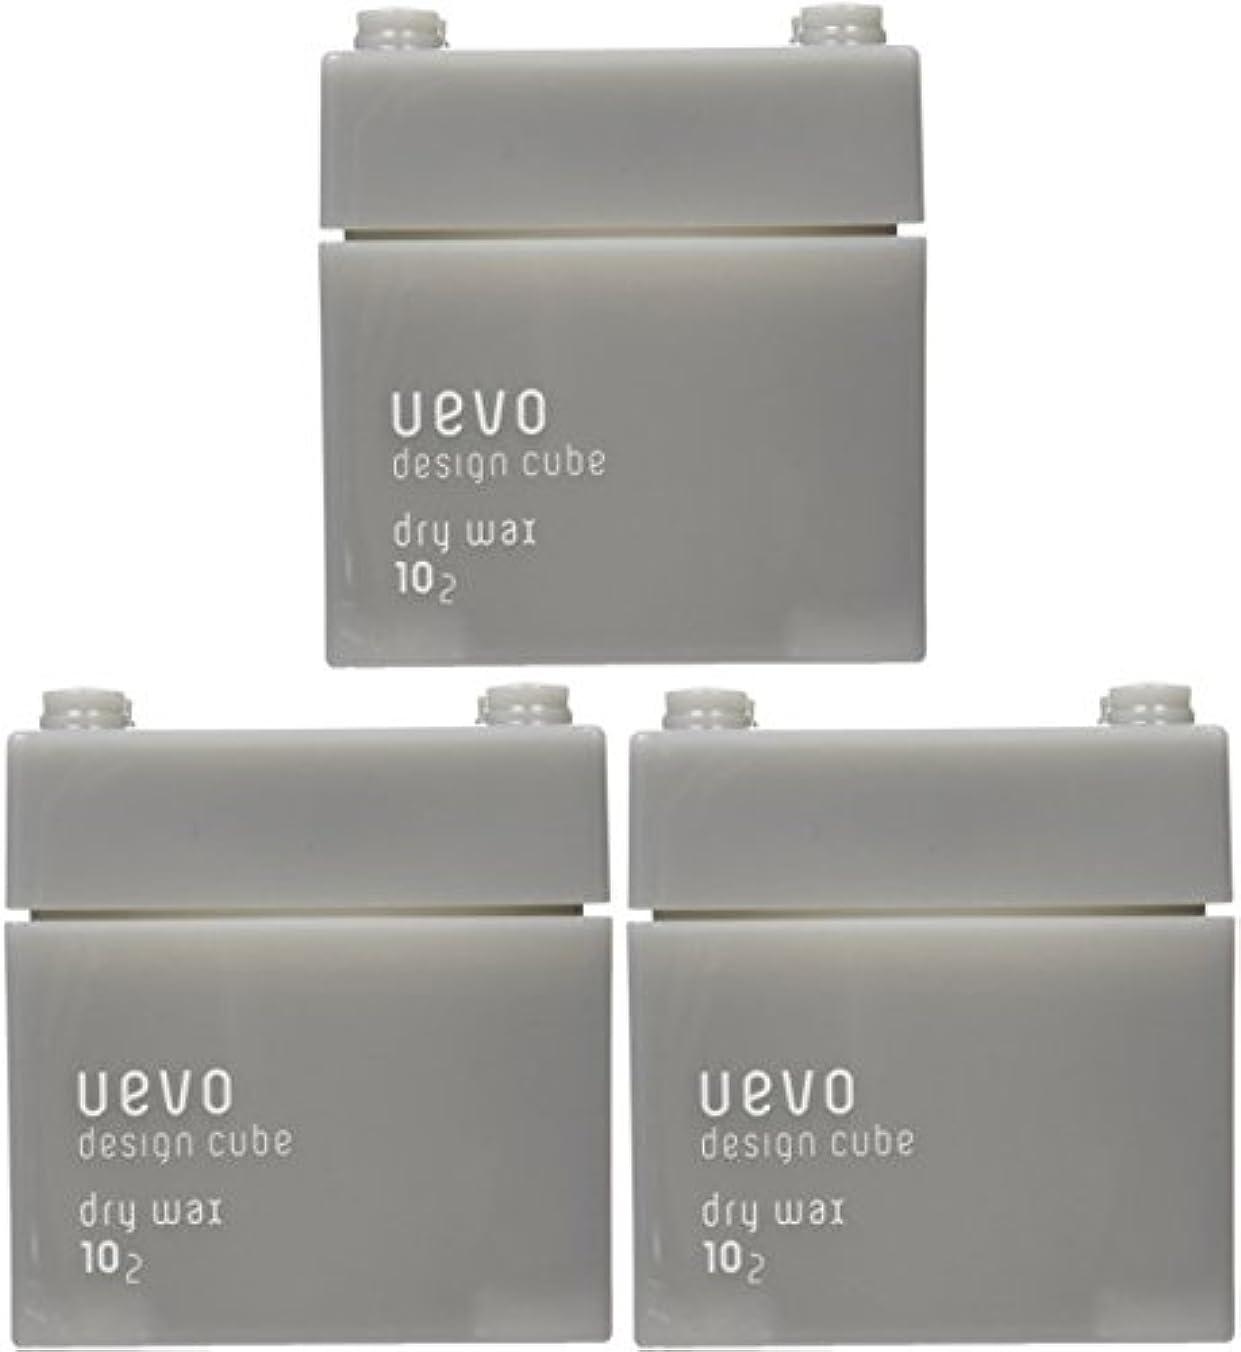 積極的にコンパイルクラックポット【X3個セット】 デミ ウェーボ デザインキューブ ドライワックス 80g dry wax DEMI uevo design cube